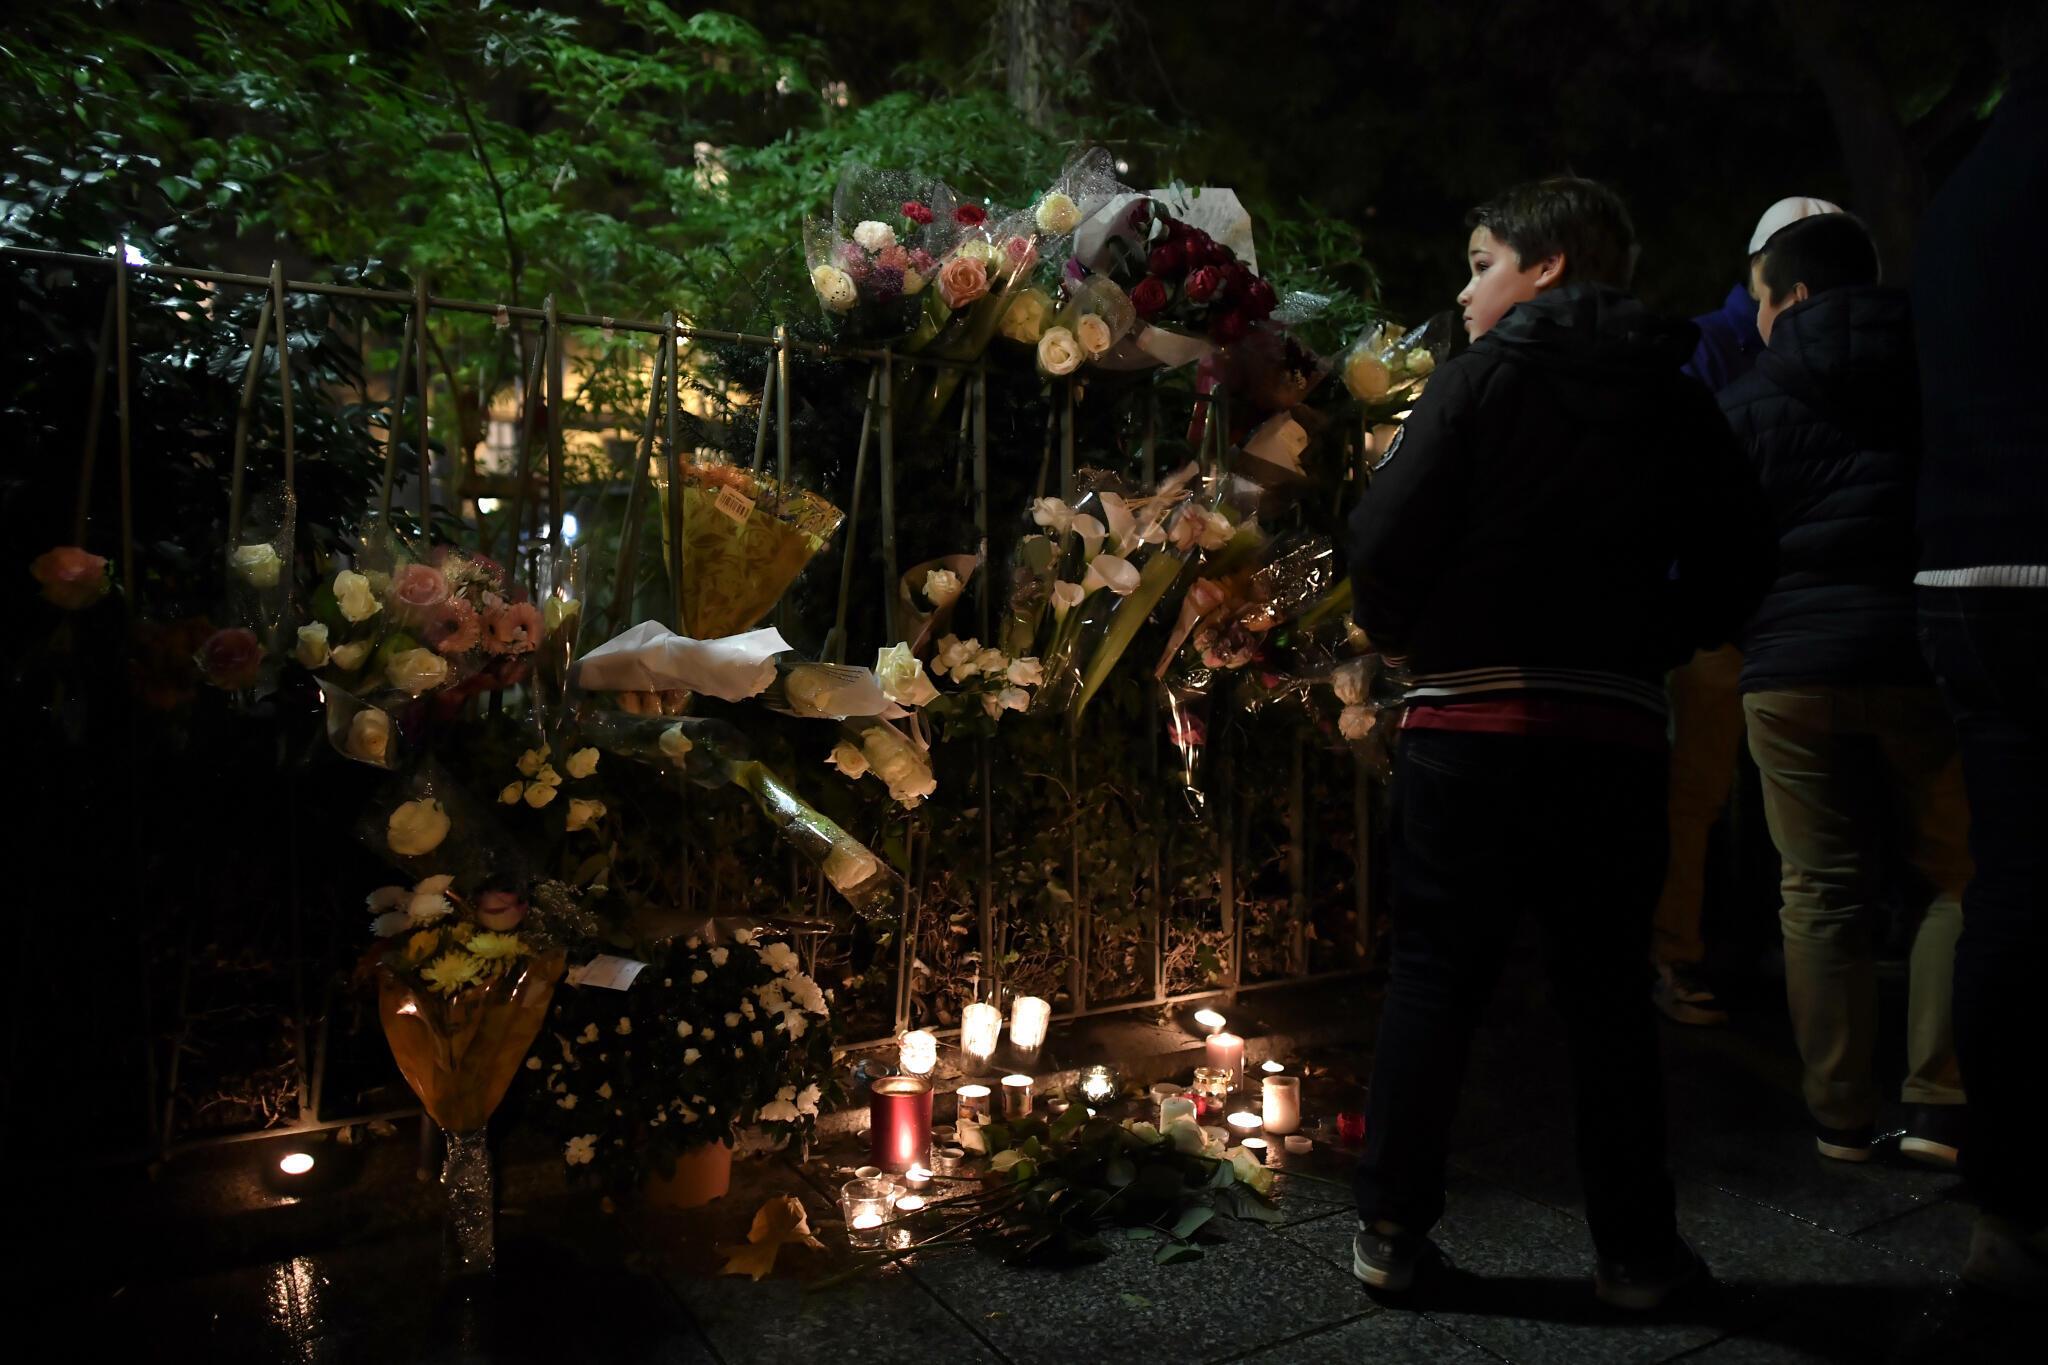 Des fleurs et des bougies, en hommage des victimes des attentats du 13 novembre 2015, près de la salle du Bataclan, quelques heures avant sa réouverture avec le spectacle de Sting, le 12 novembre 2016.